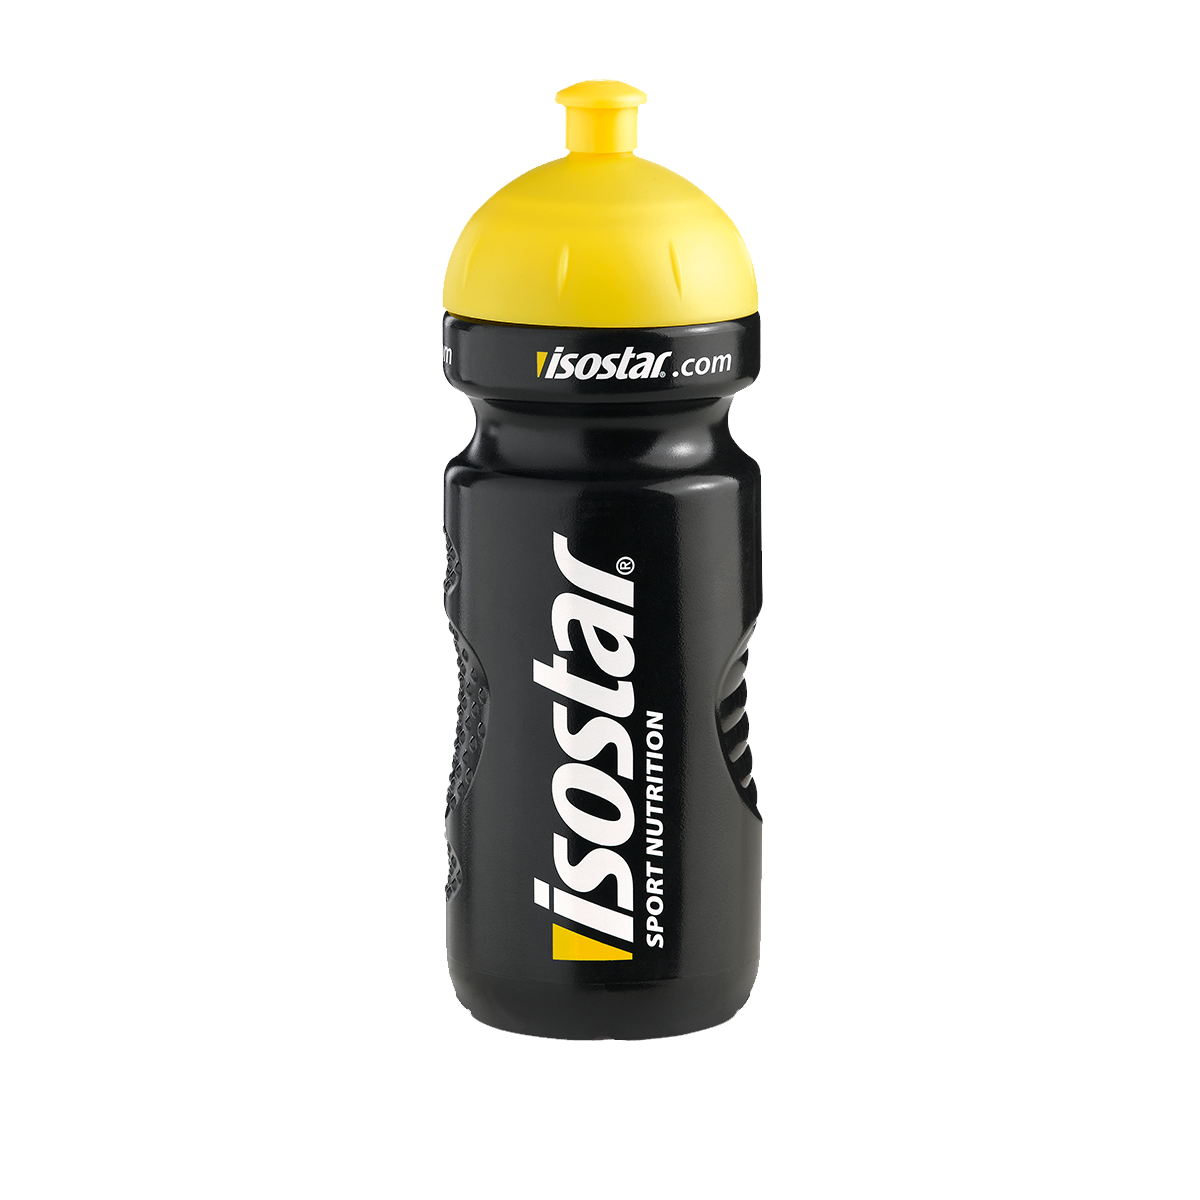 Isostar Gourde de 650 ml jaune 1 Stk.